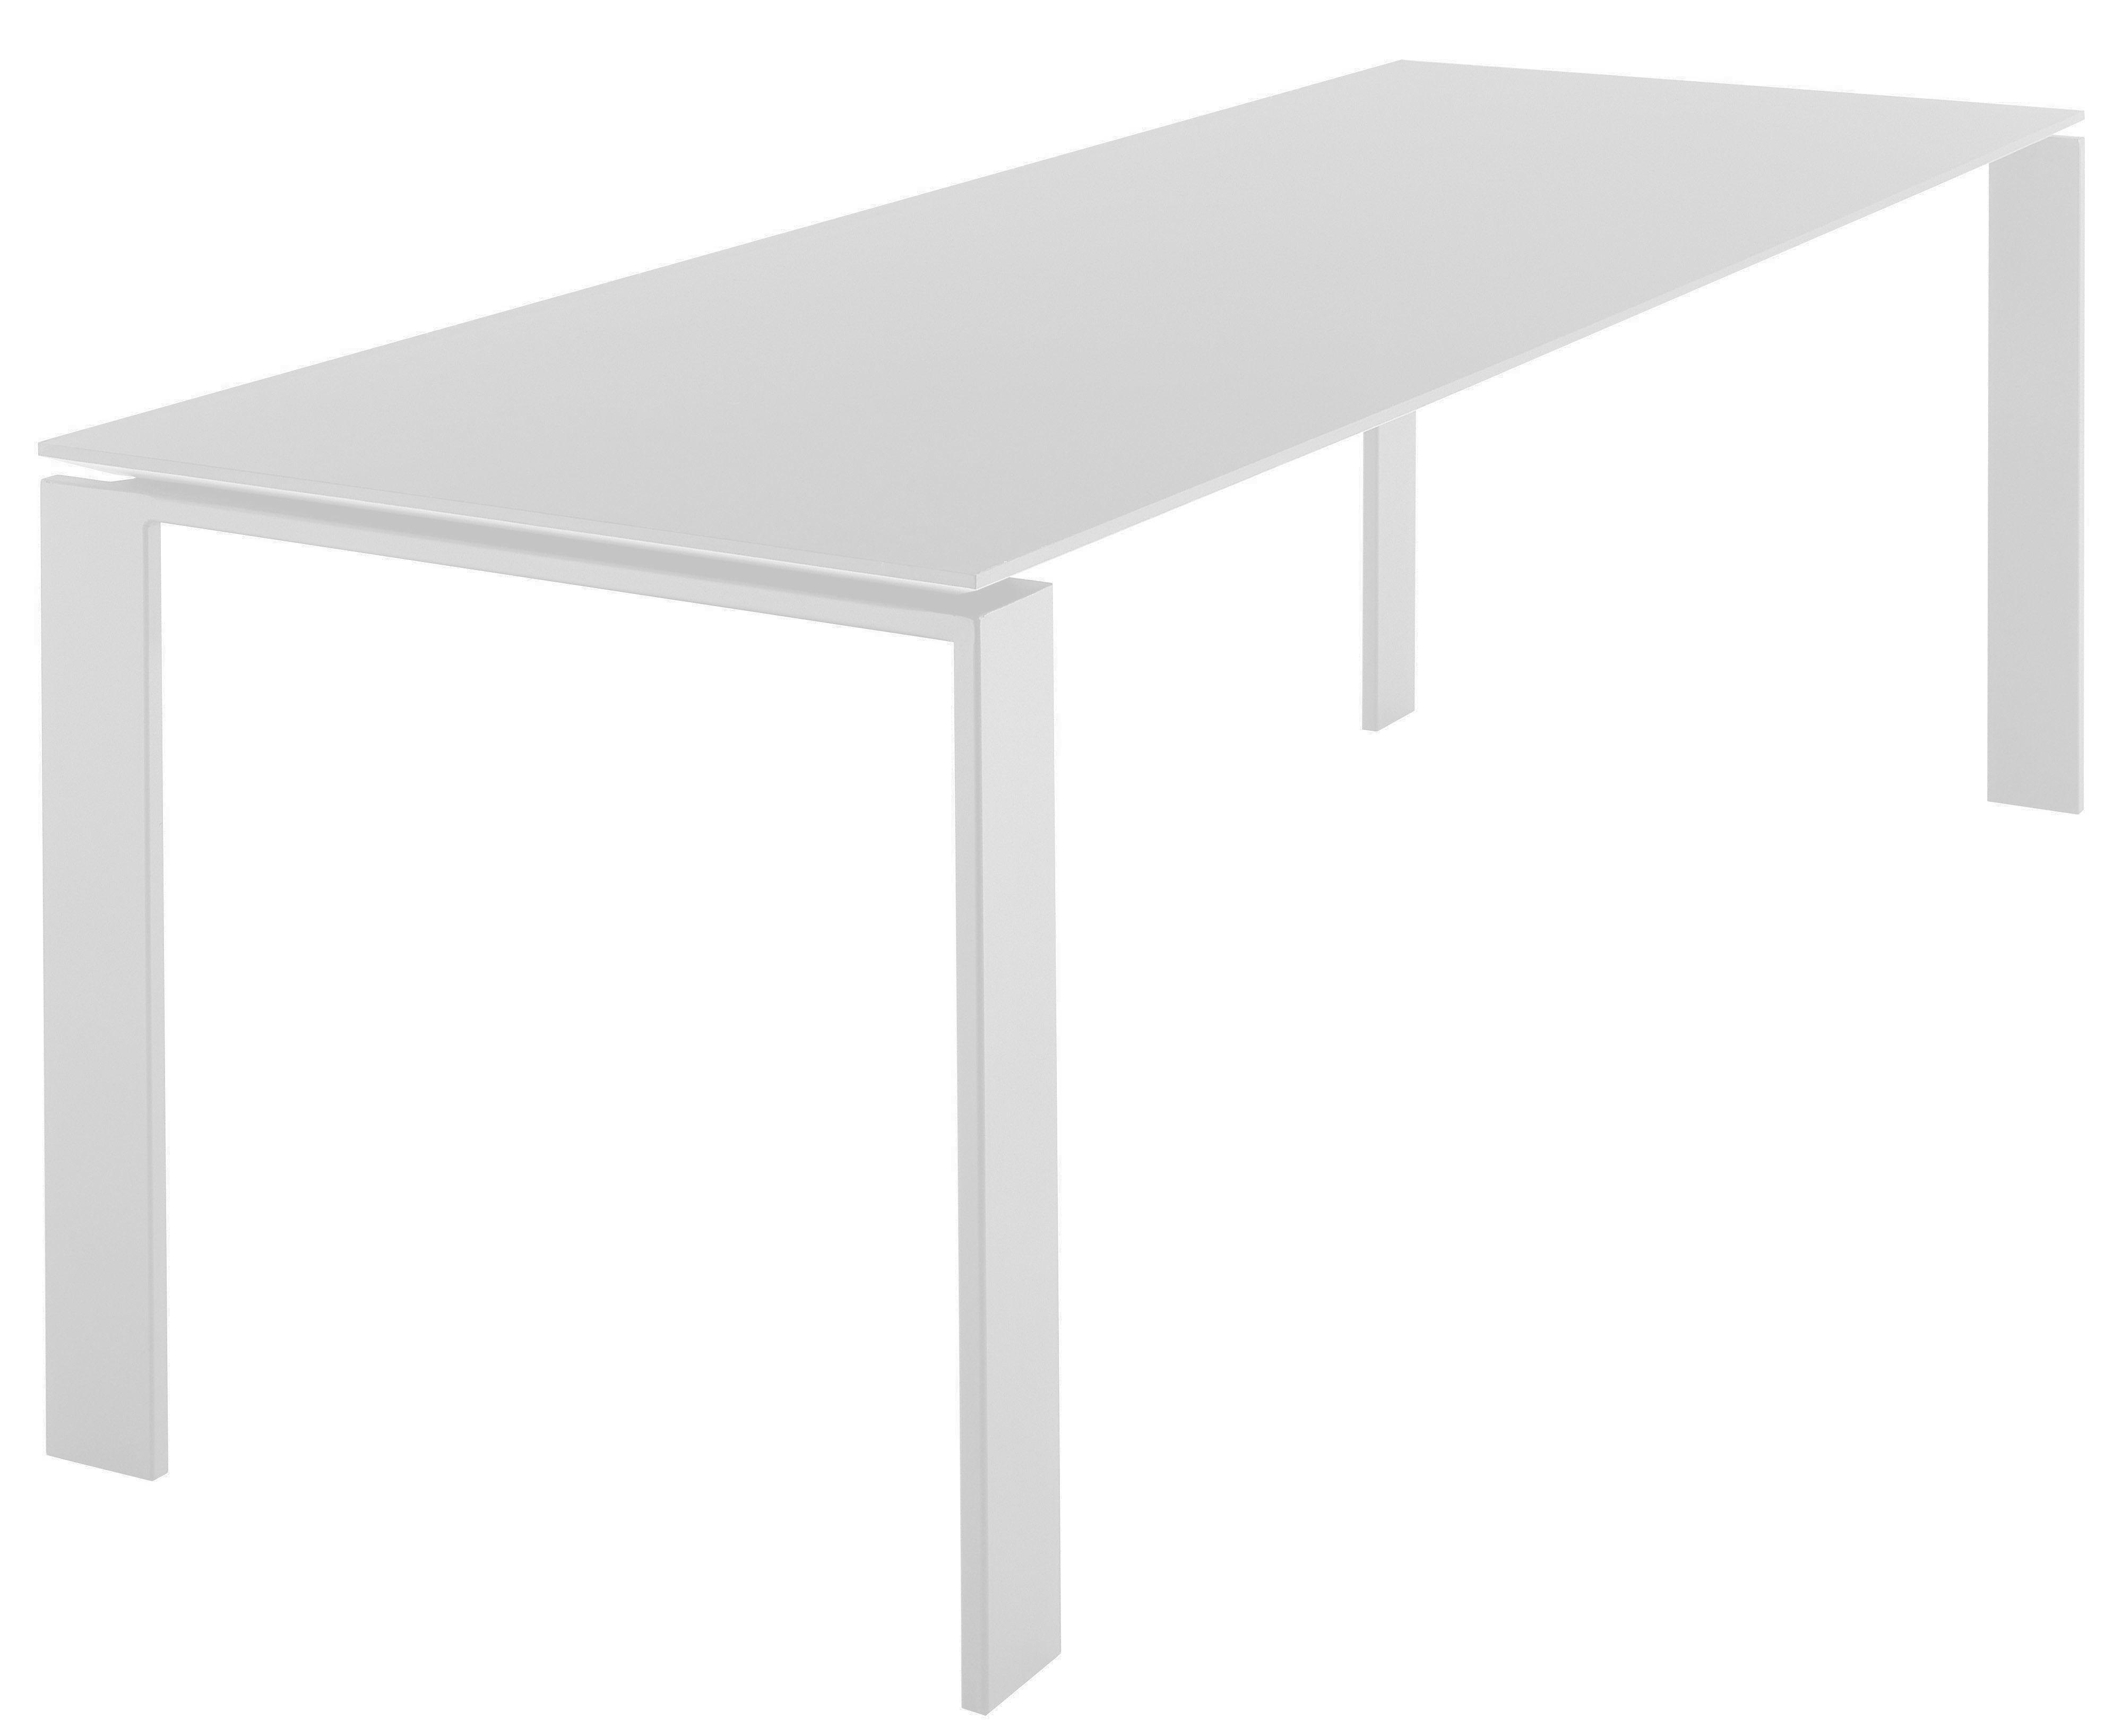 Arredamento - Tavoli - Tavolo Four di Kartell - Bianco 158 cm - Acciaio verniciato, Laminato